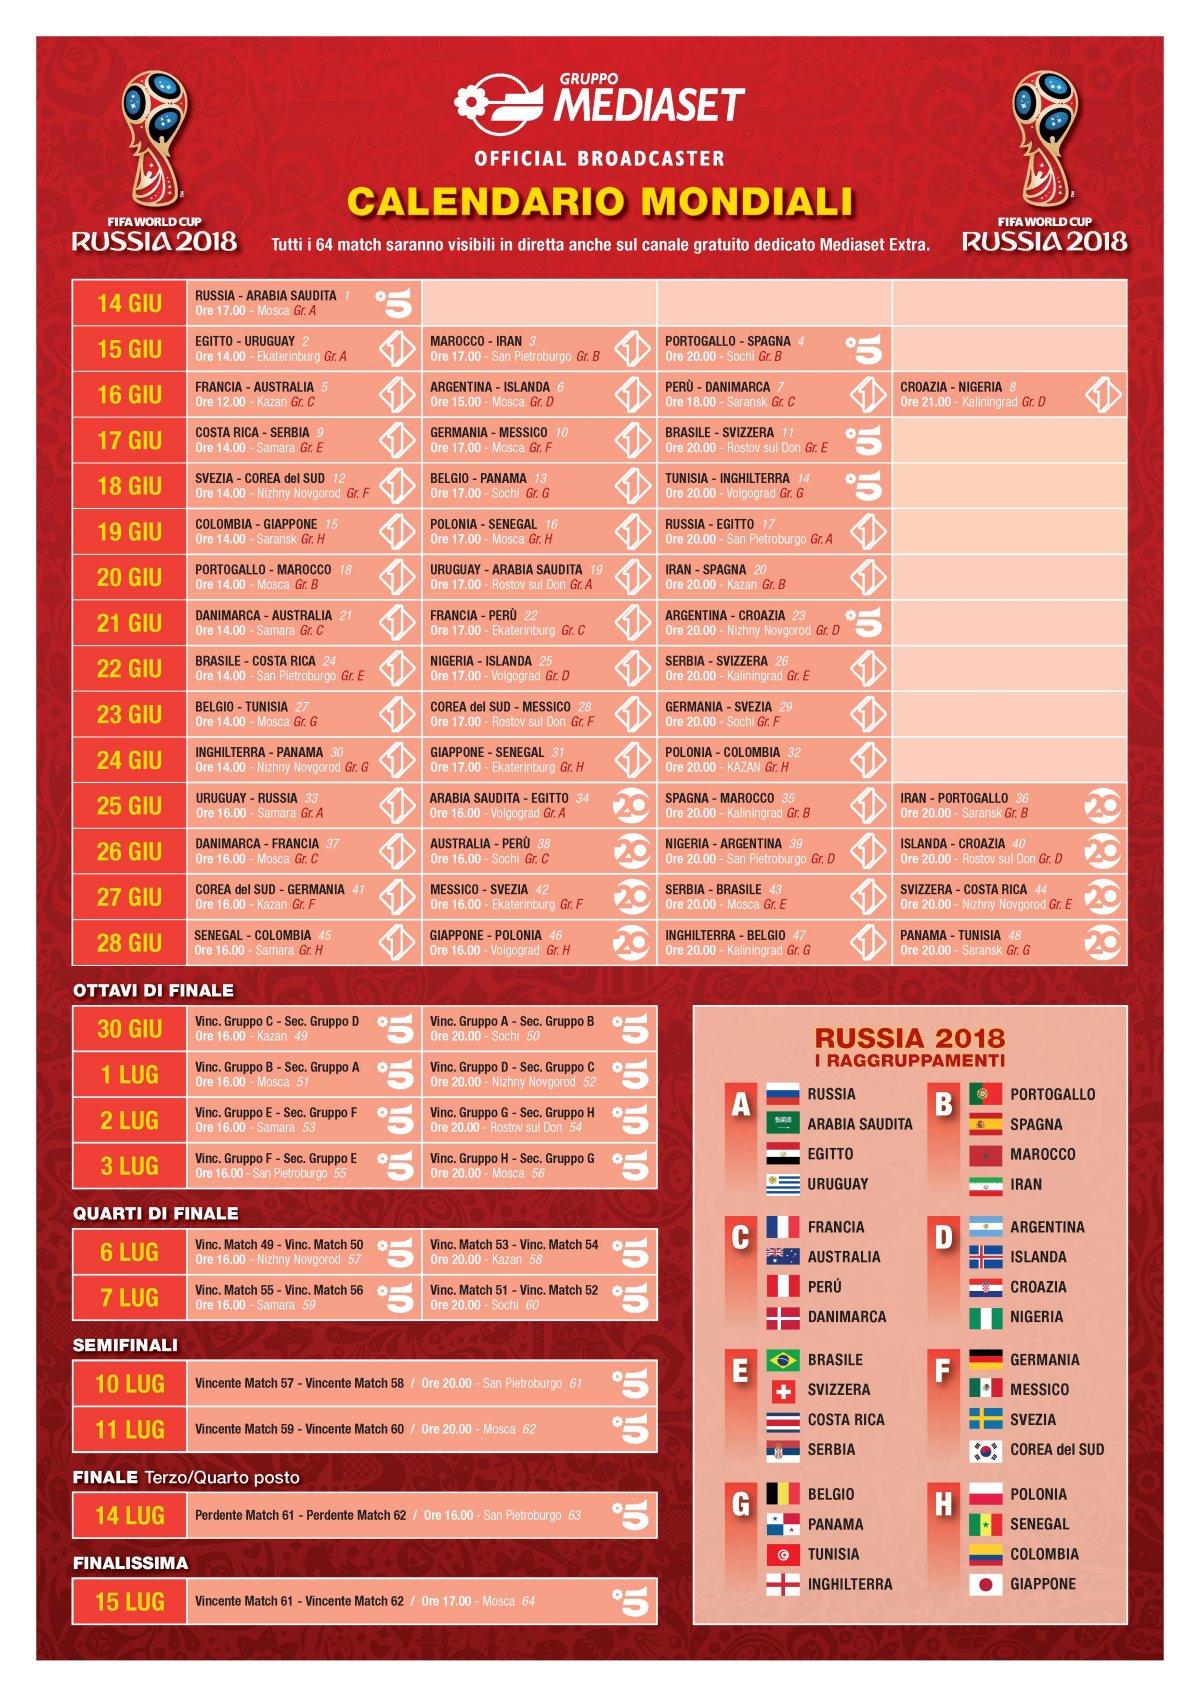 Mondiali Calcio 2020 Calendario.Mondiali 2020 Calendario Mediaset Calendario 2020